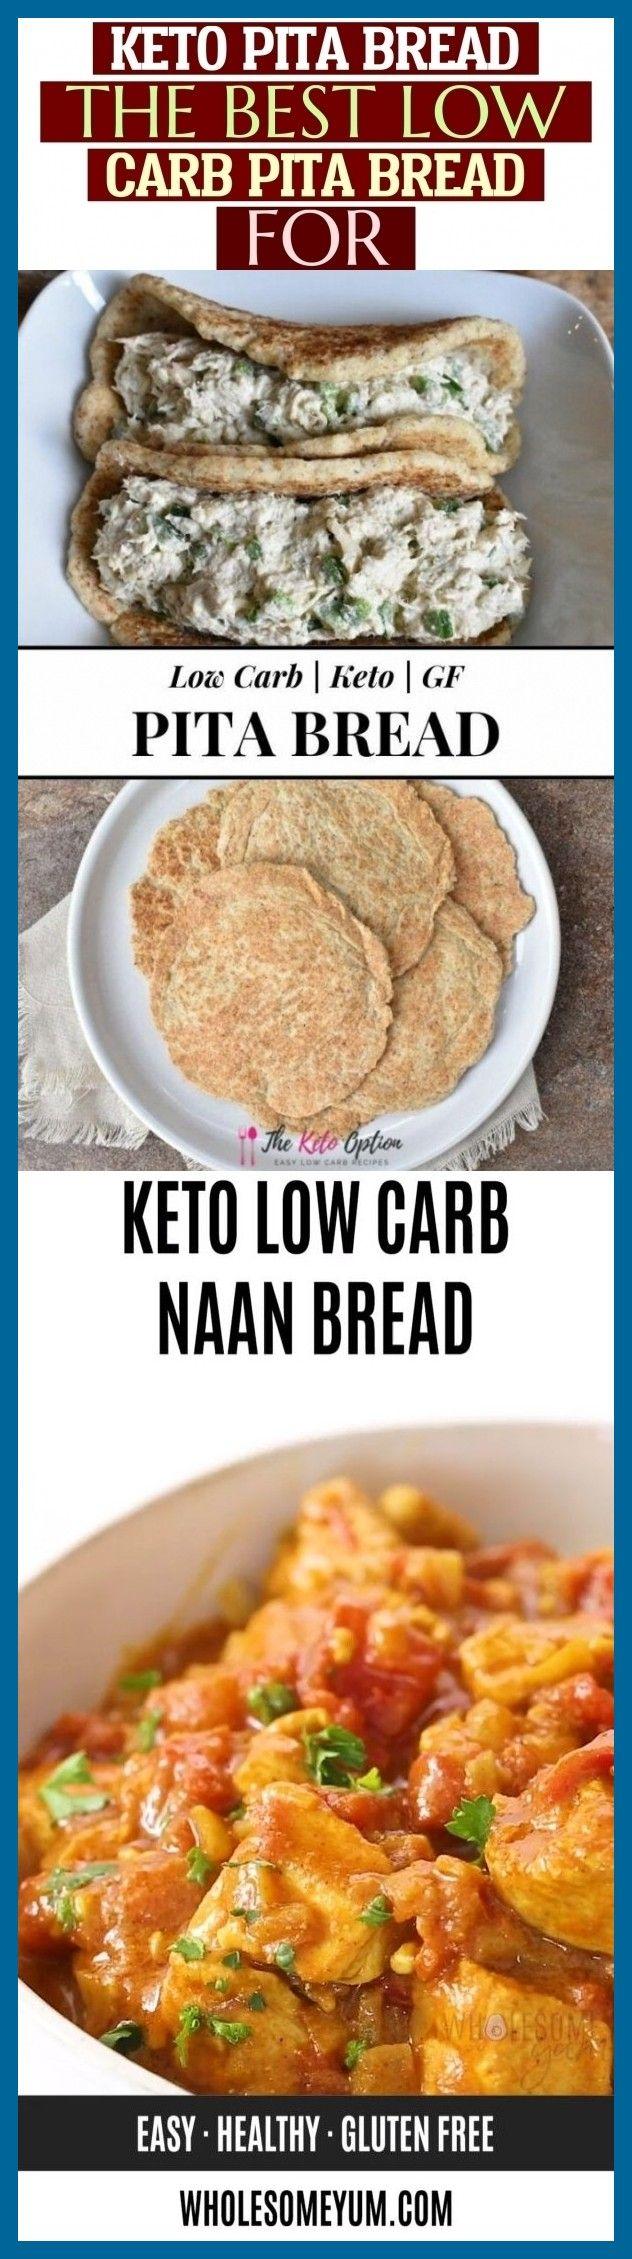 Keto Pita Bread The Best Low Carb Pita Bread For Keto ...